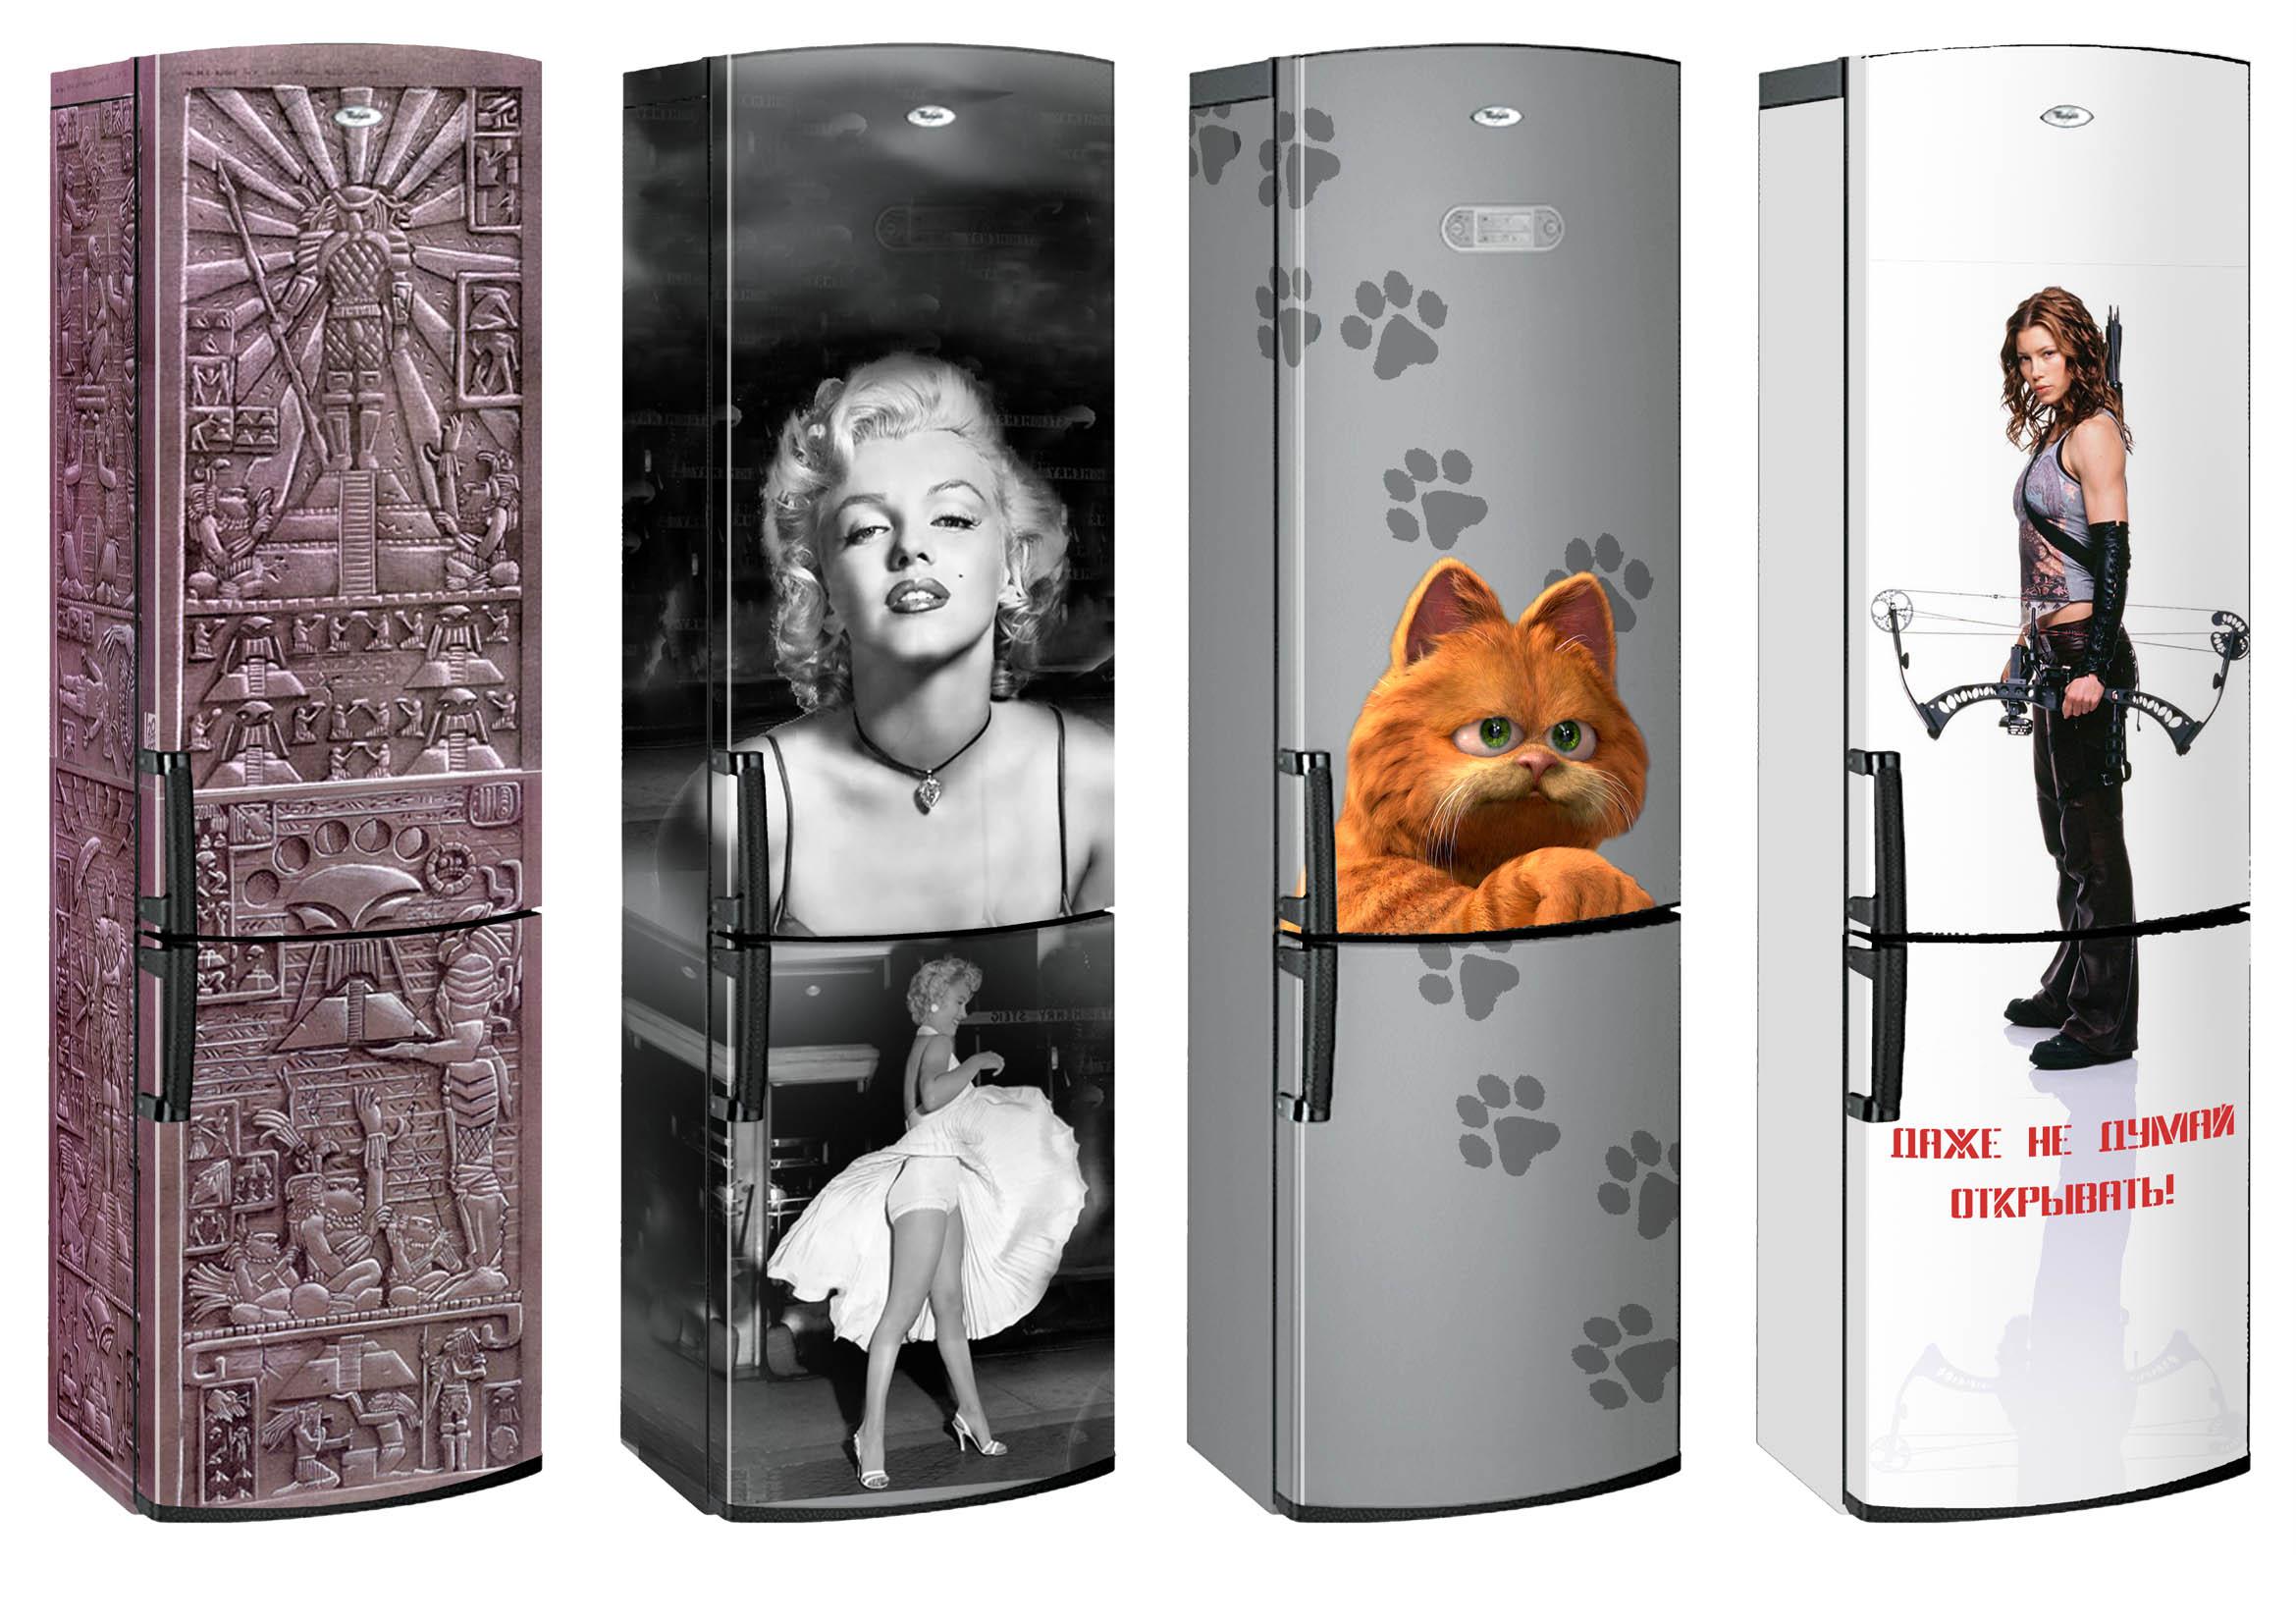 Дизайн холодильника своими руками